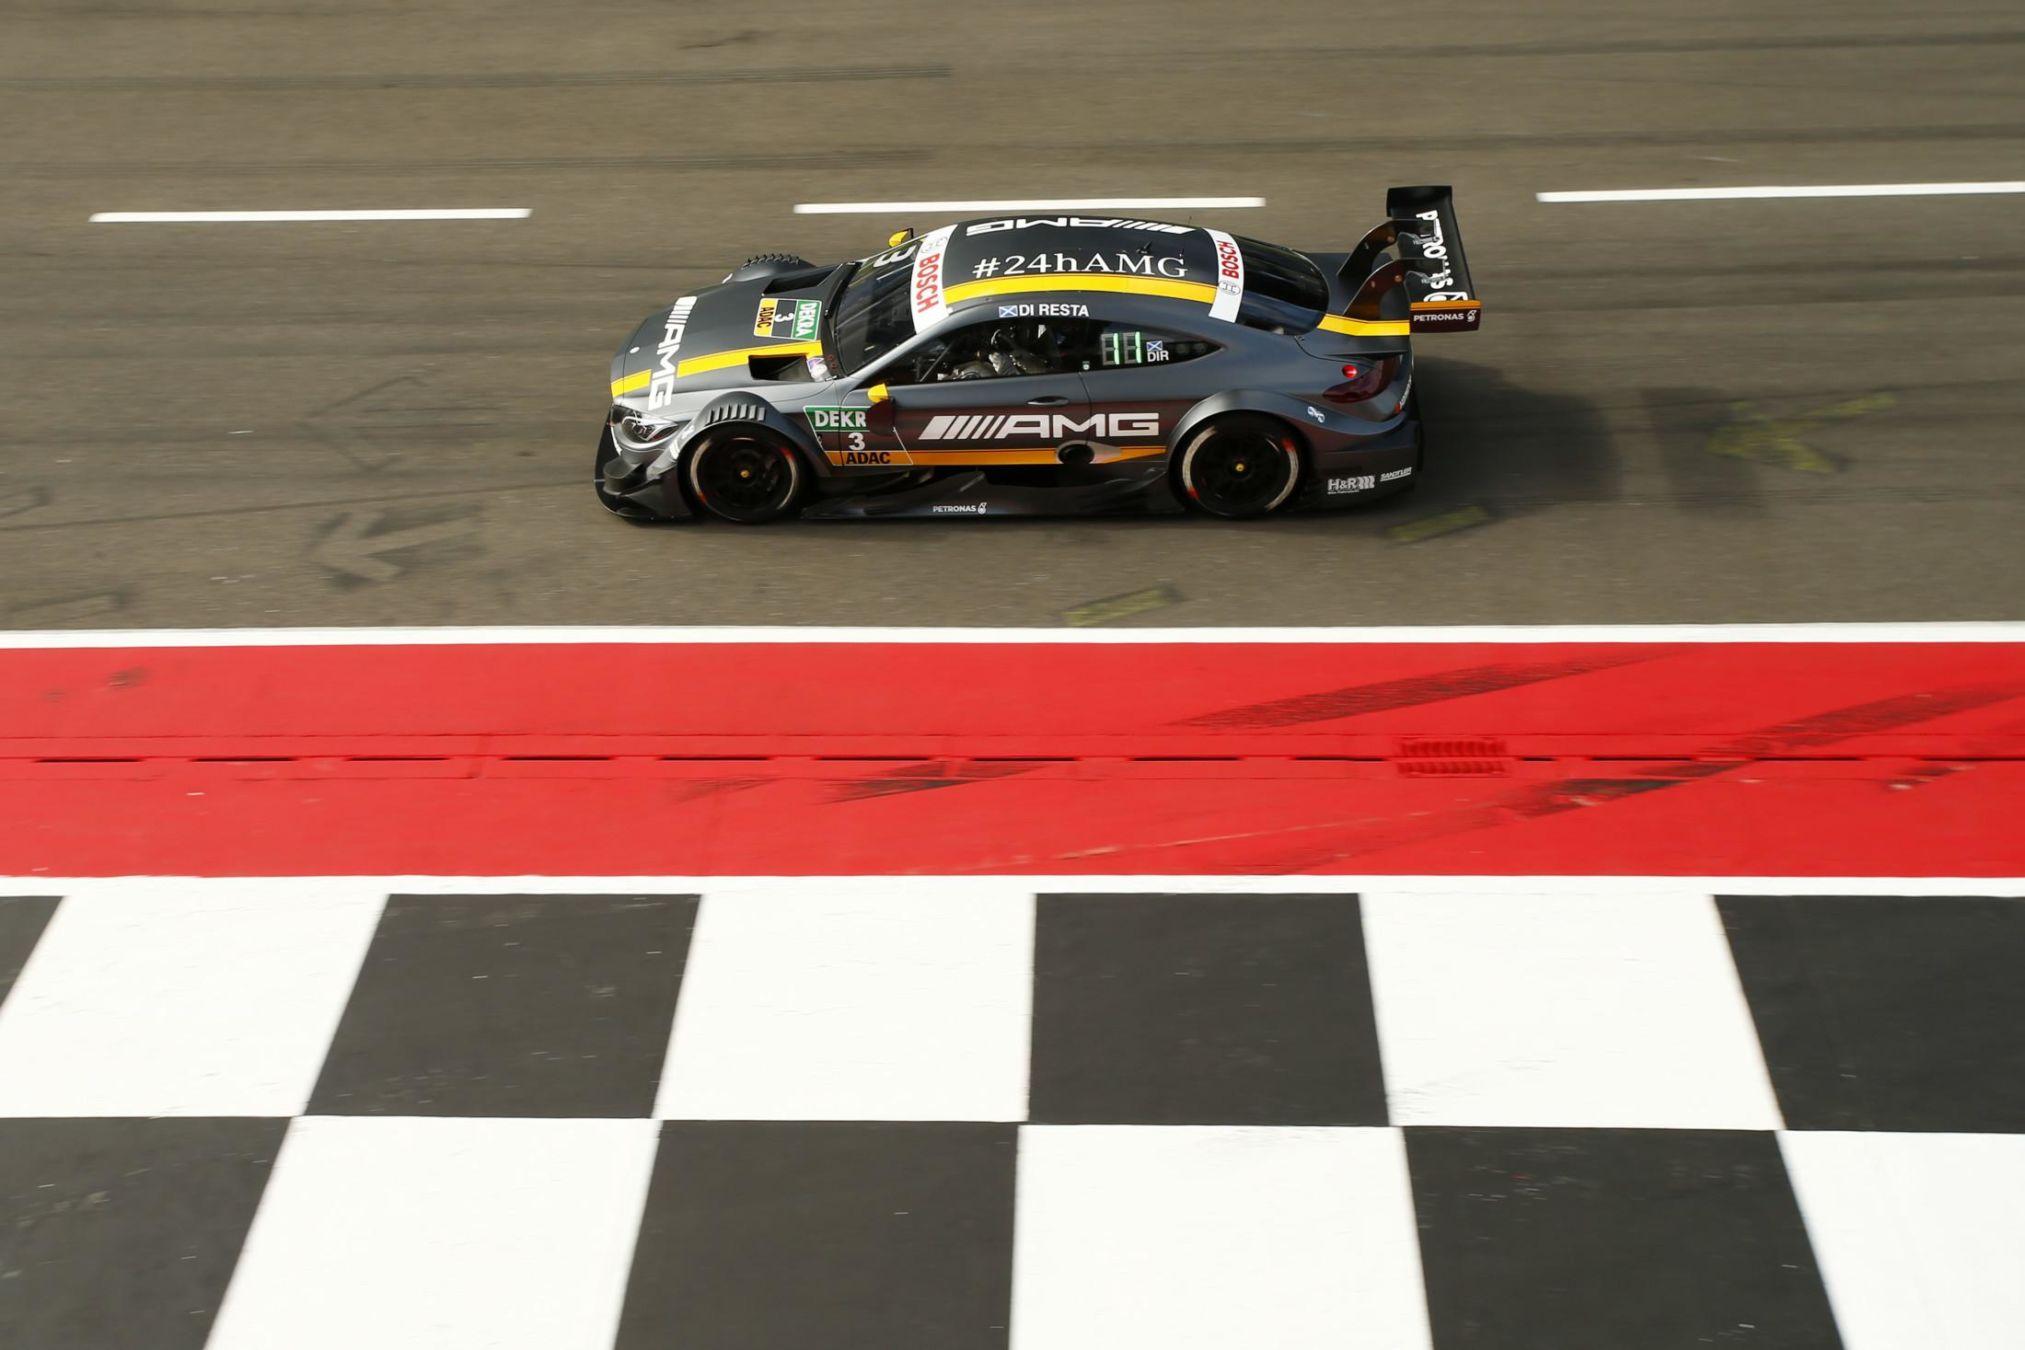 Mercedes a confirmé son engagement en Formule E — Mobilité durable